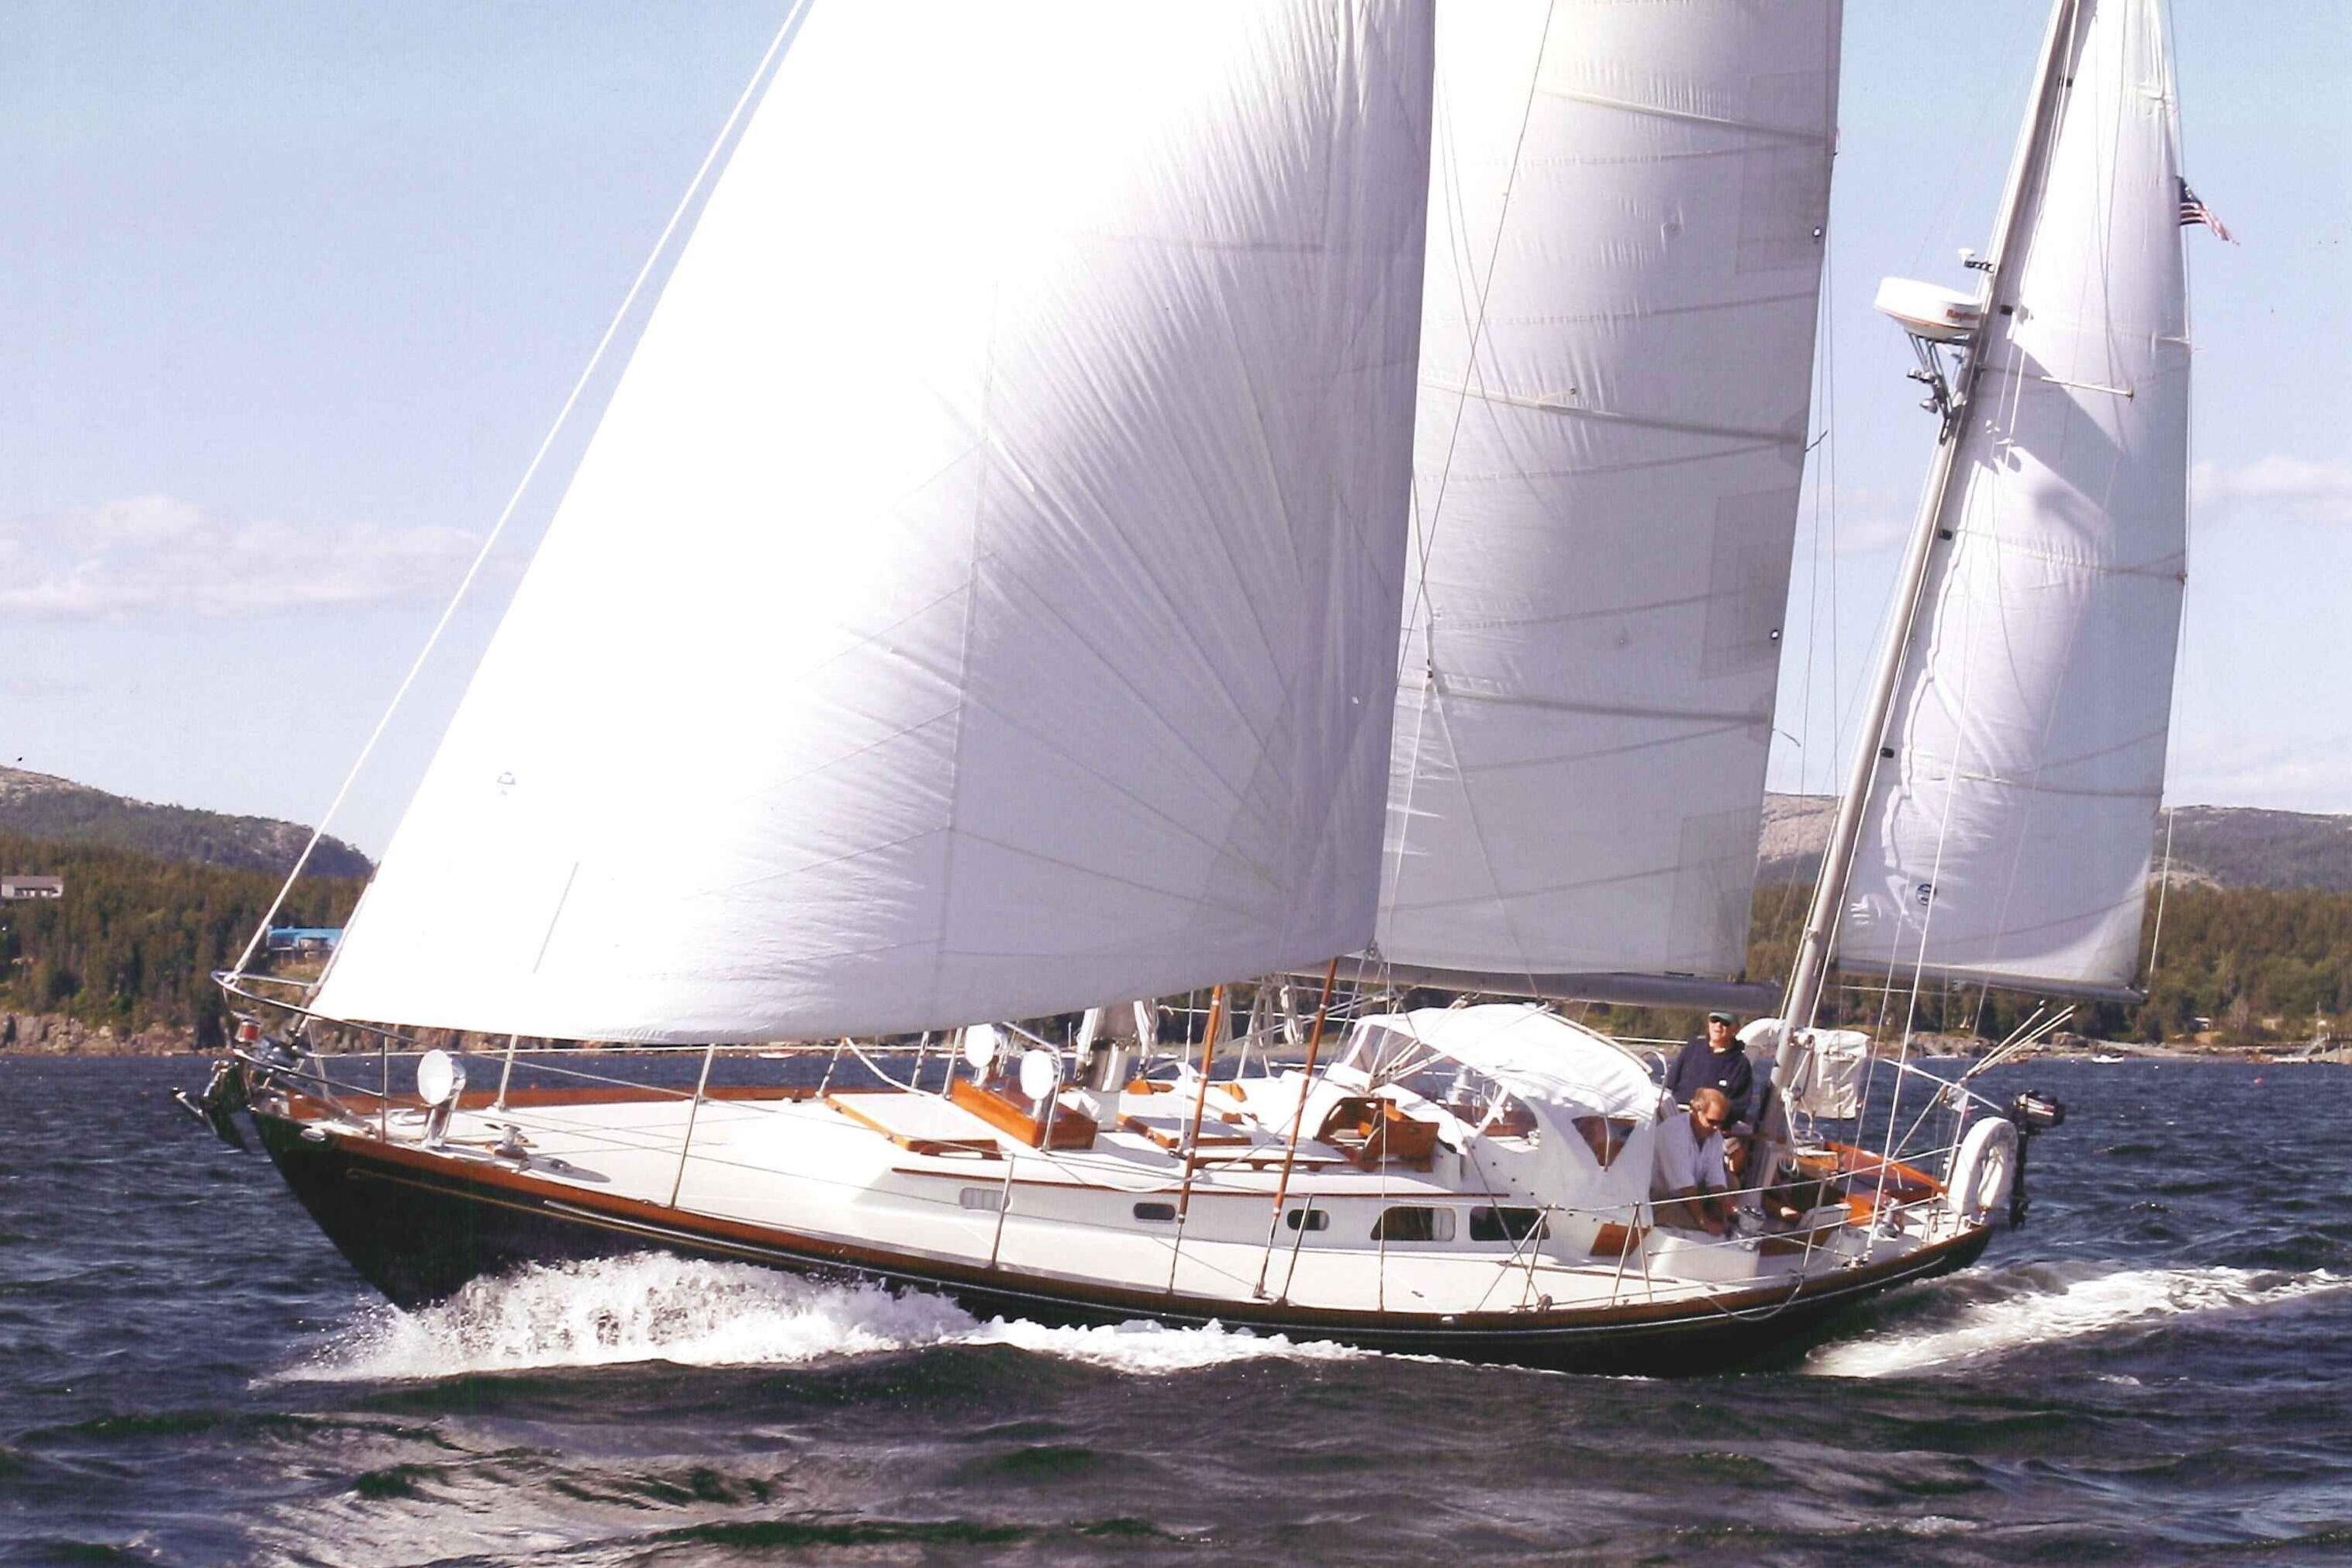 1987 Hinckley Bermuda 40 Mk Iii Yawl Sail Boat For Sale Allegro Motorhome Wiring Diagram